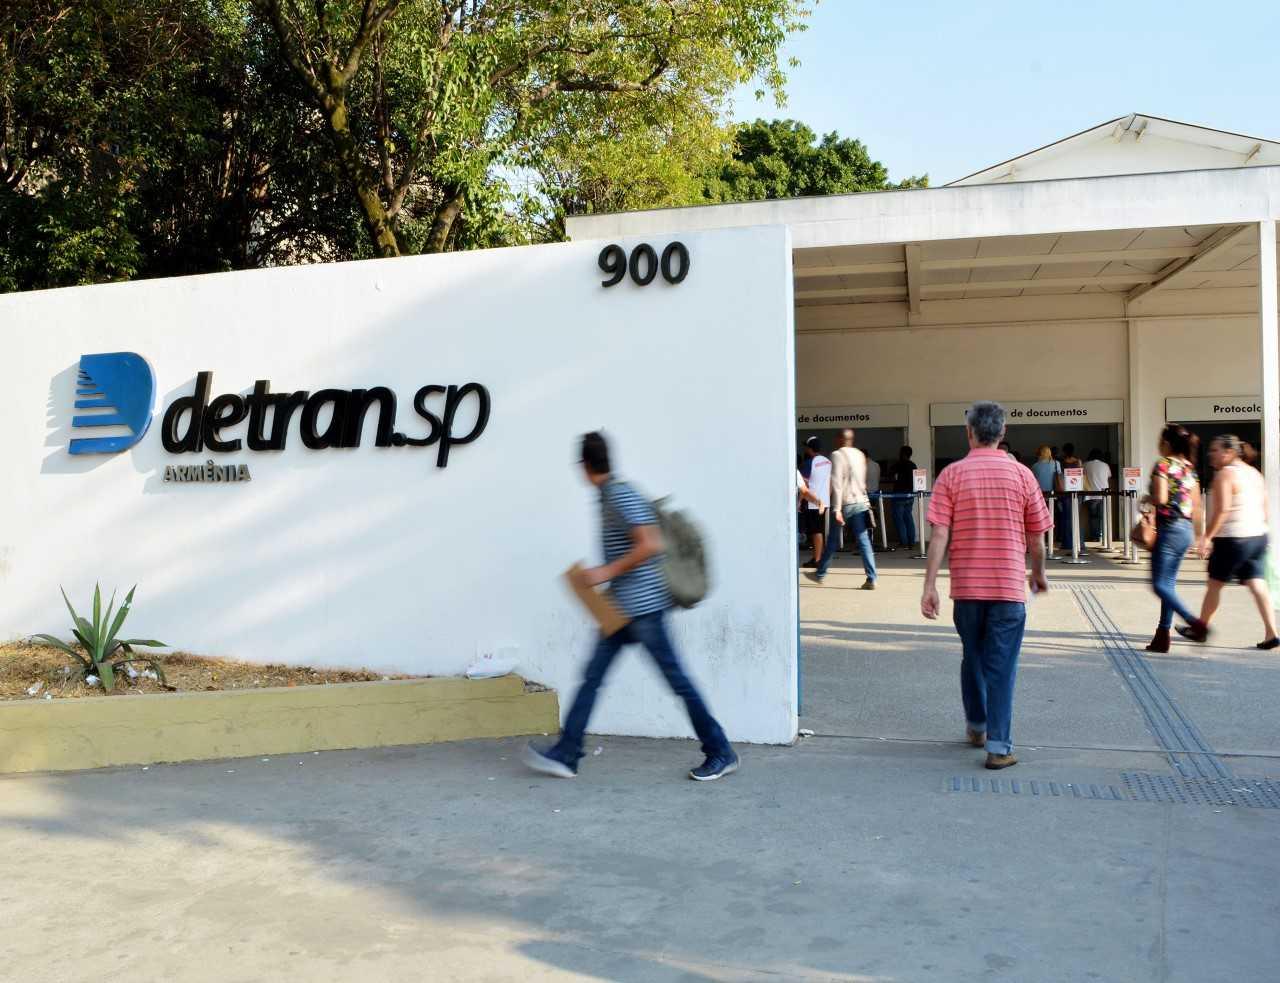 Capital: Detran.SP vai realizar vistorias para inclusão de veículos de aprendizagem nesta quinta-feira (16)